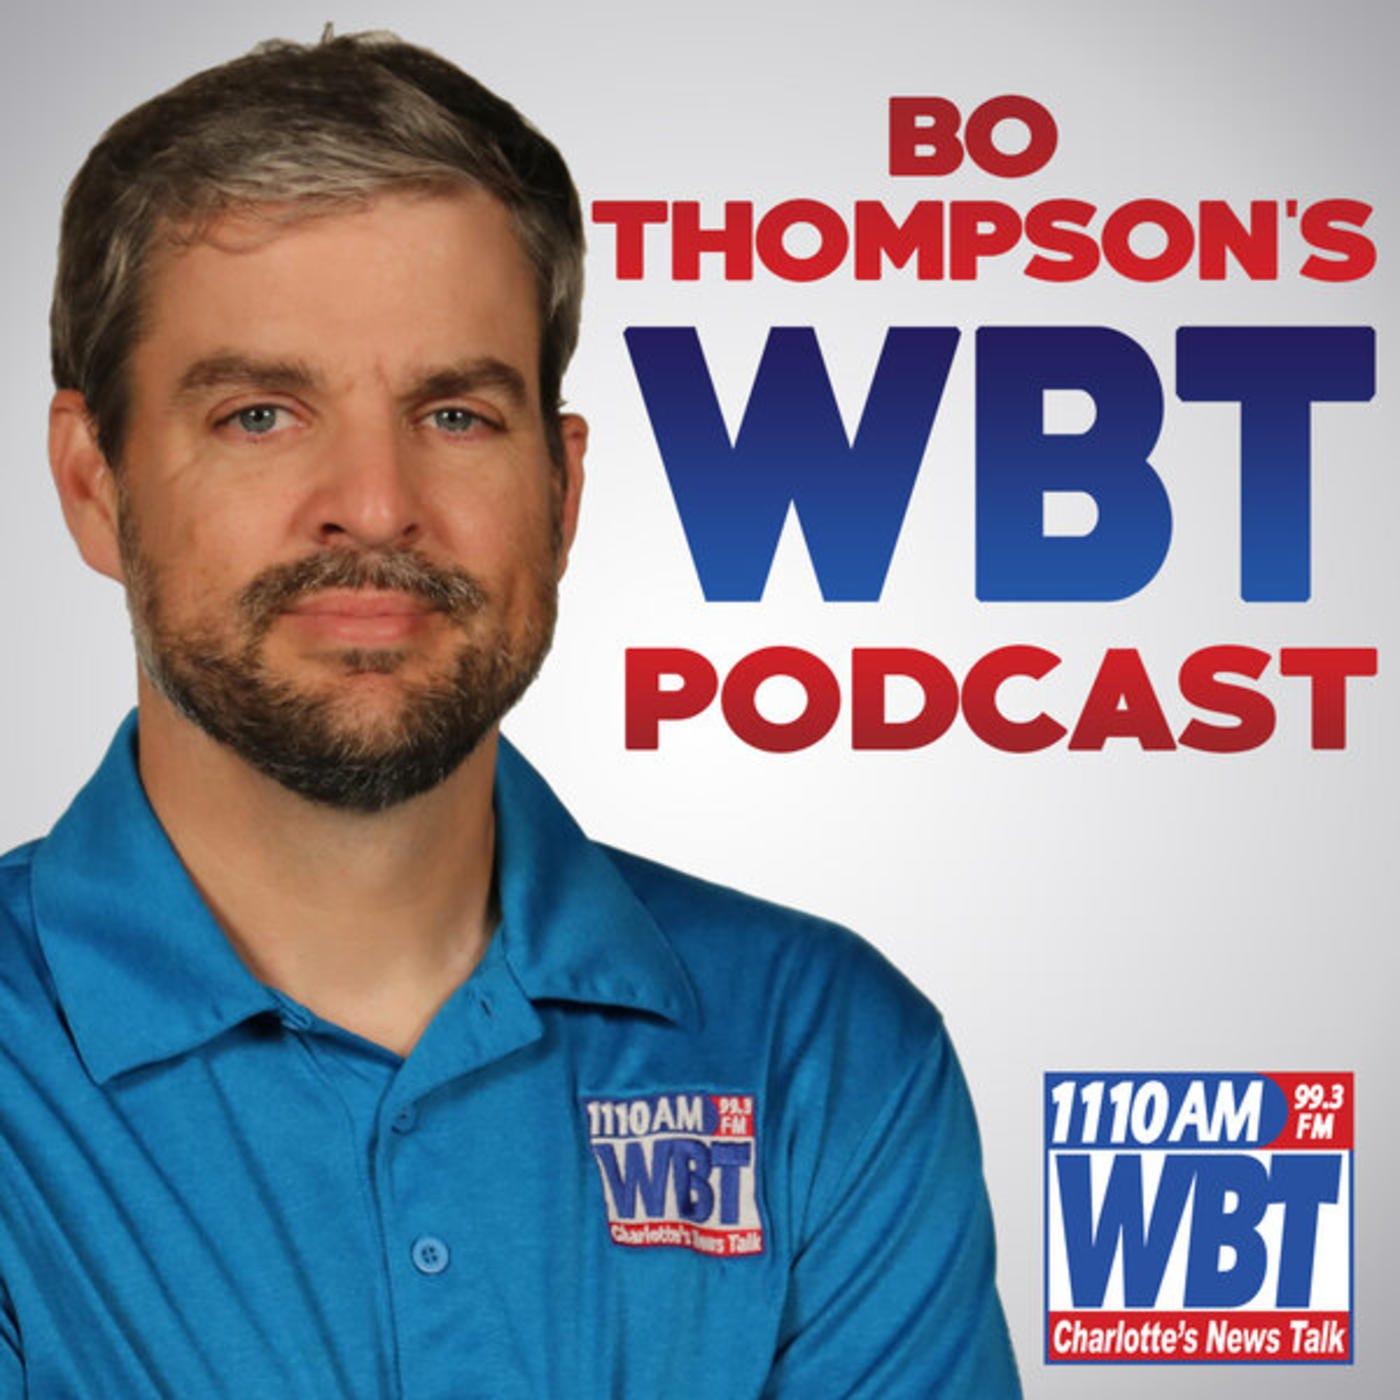 Bo Thompson's WBT Podcast